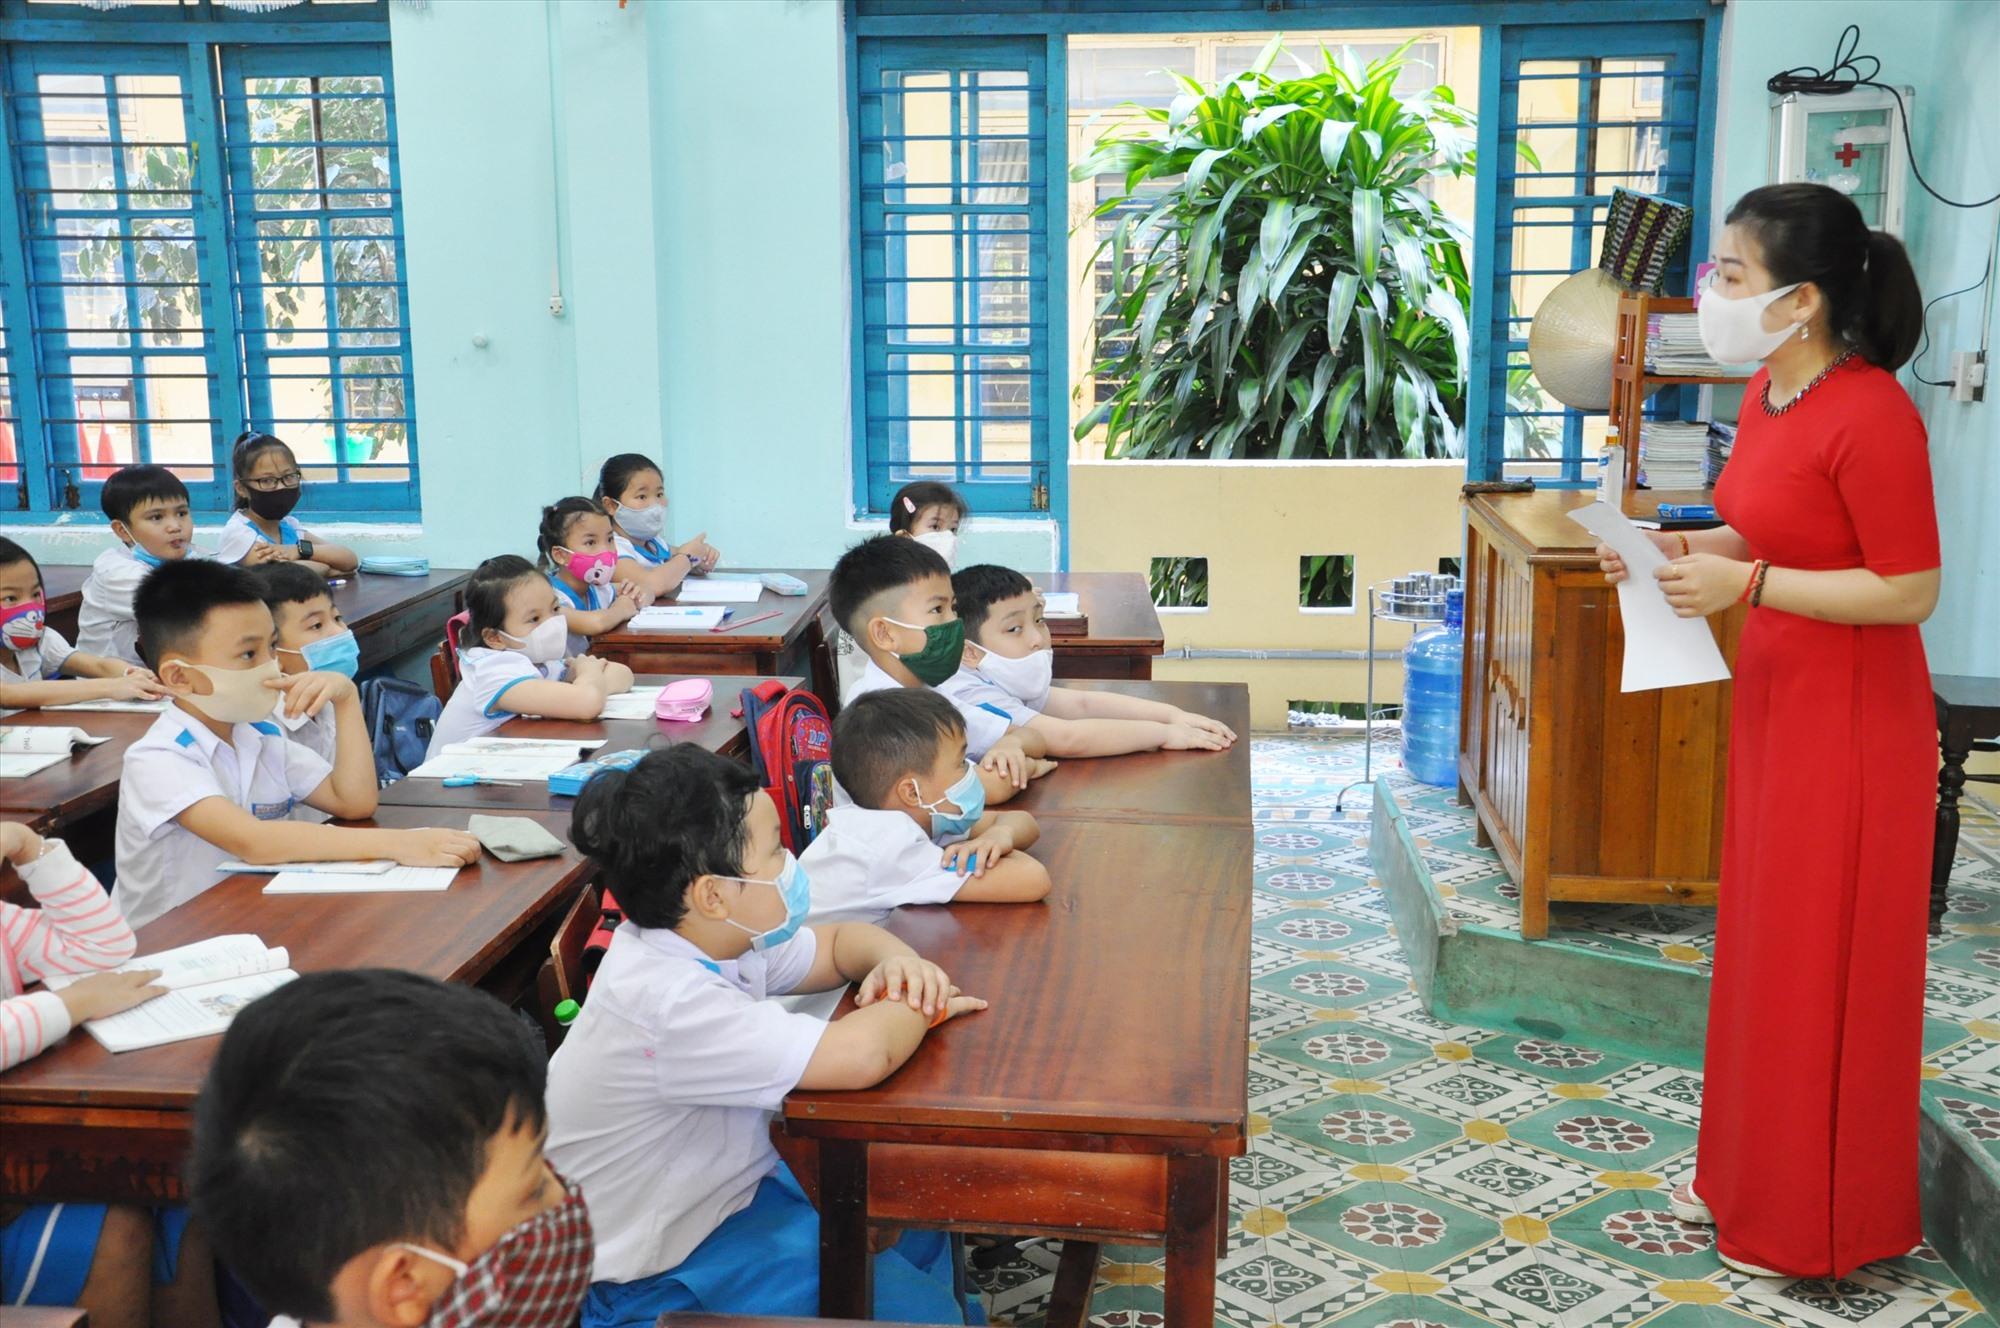 Tùy nhu cầu của phụ huynh và điều kiện nên một số trường tiểu học tiếp tục không tổ chức bán trú. Ảnh: X.P